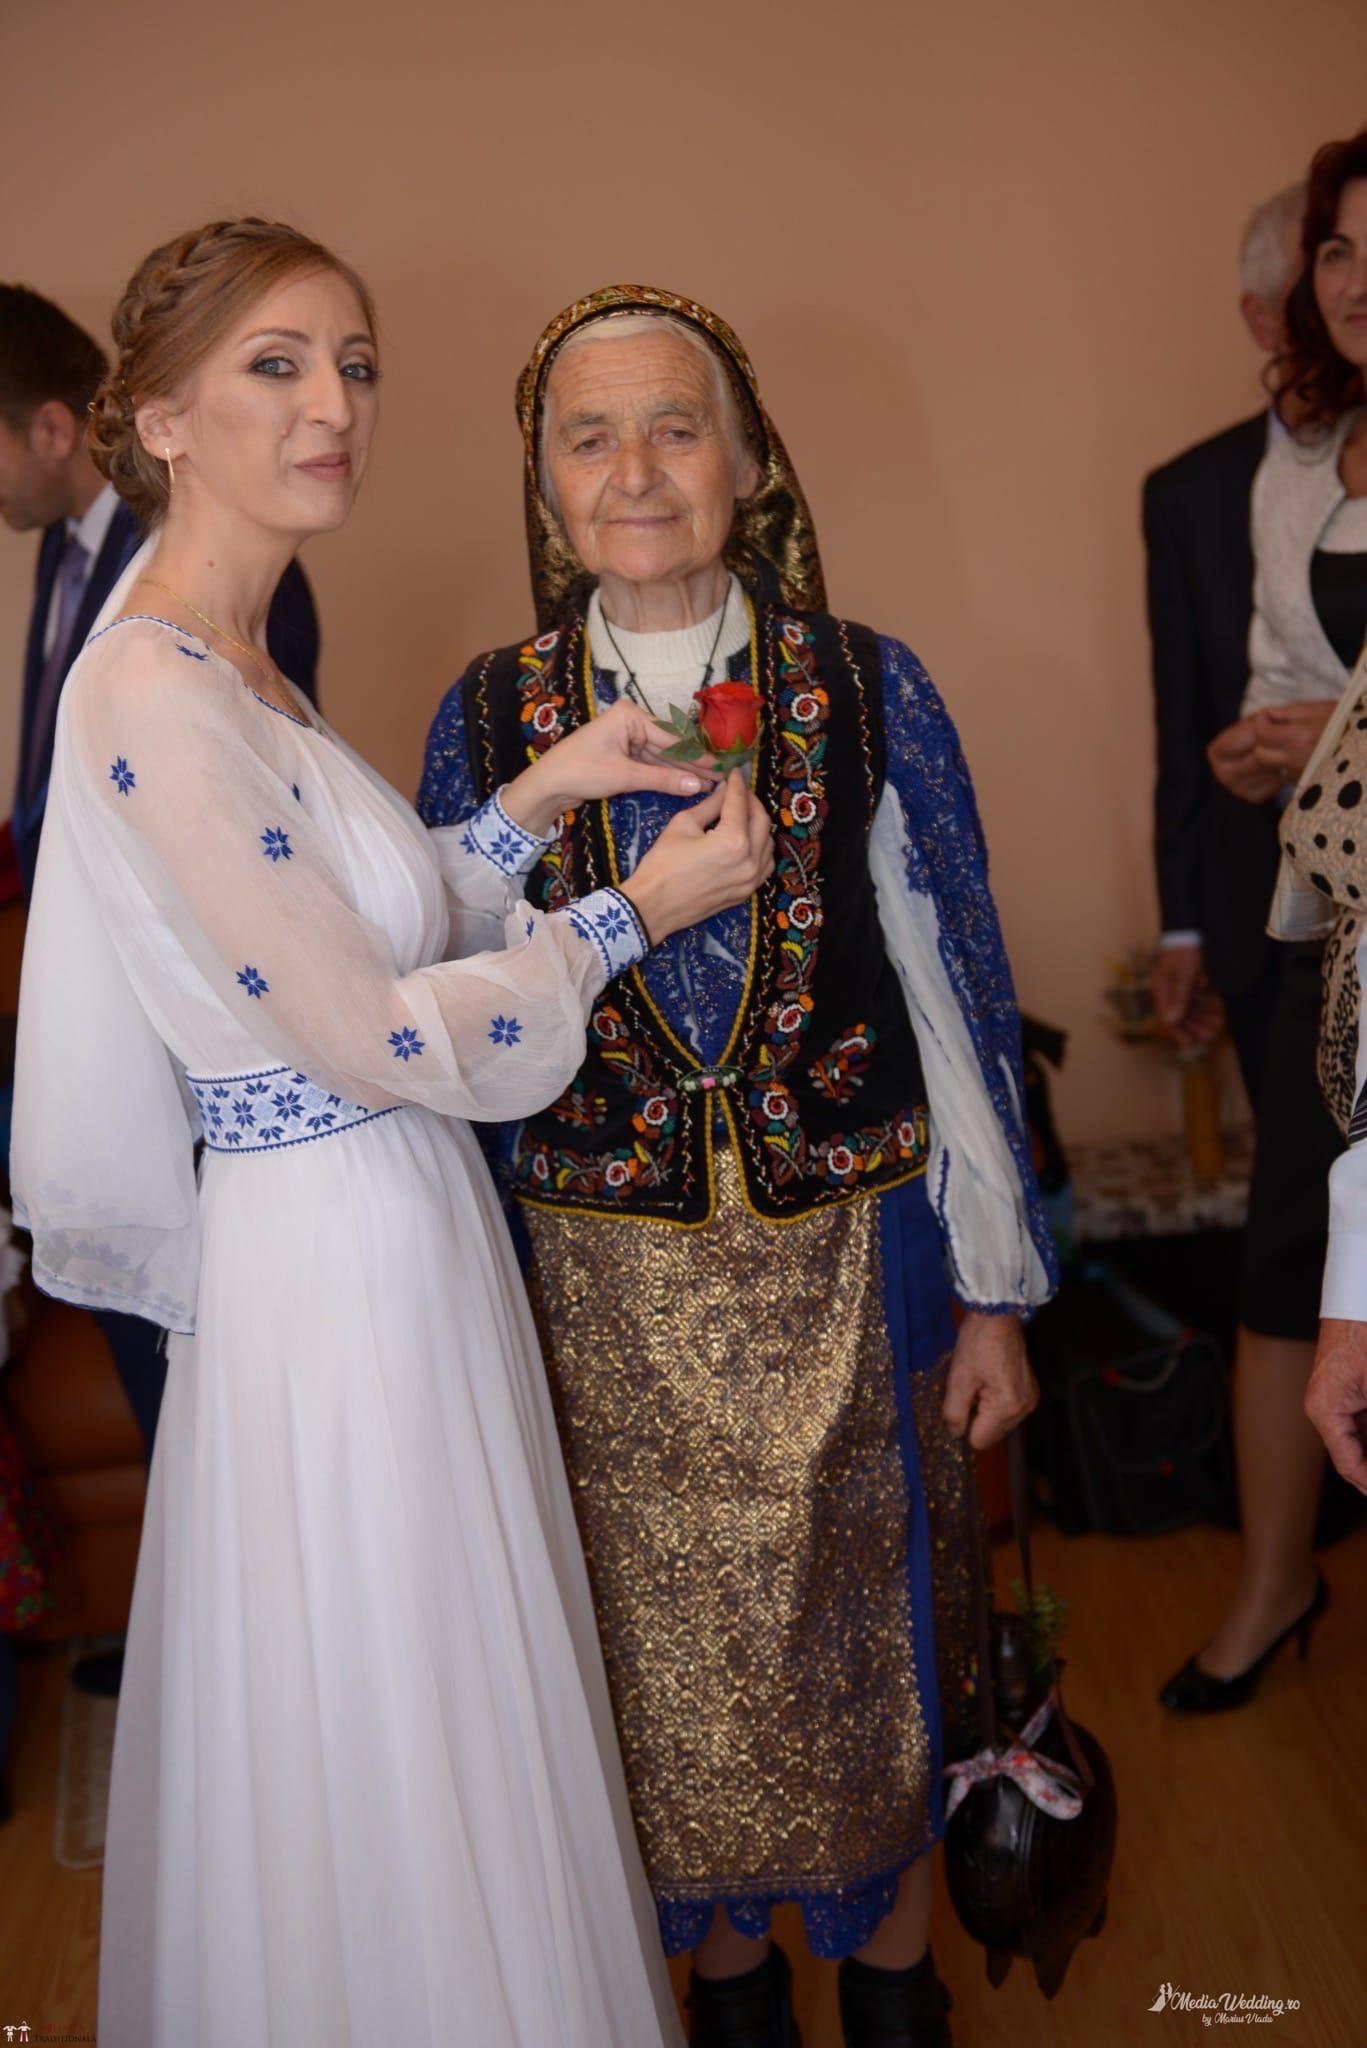 Povești Nunți Tradiționale - Alina-Maria și Ilie, nuntă tradițională în București 10